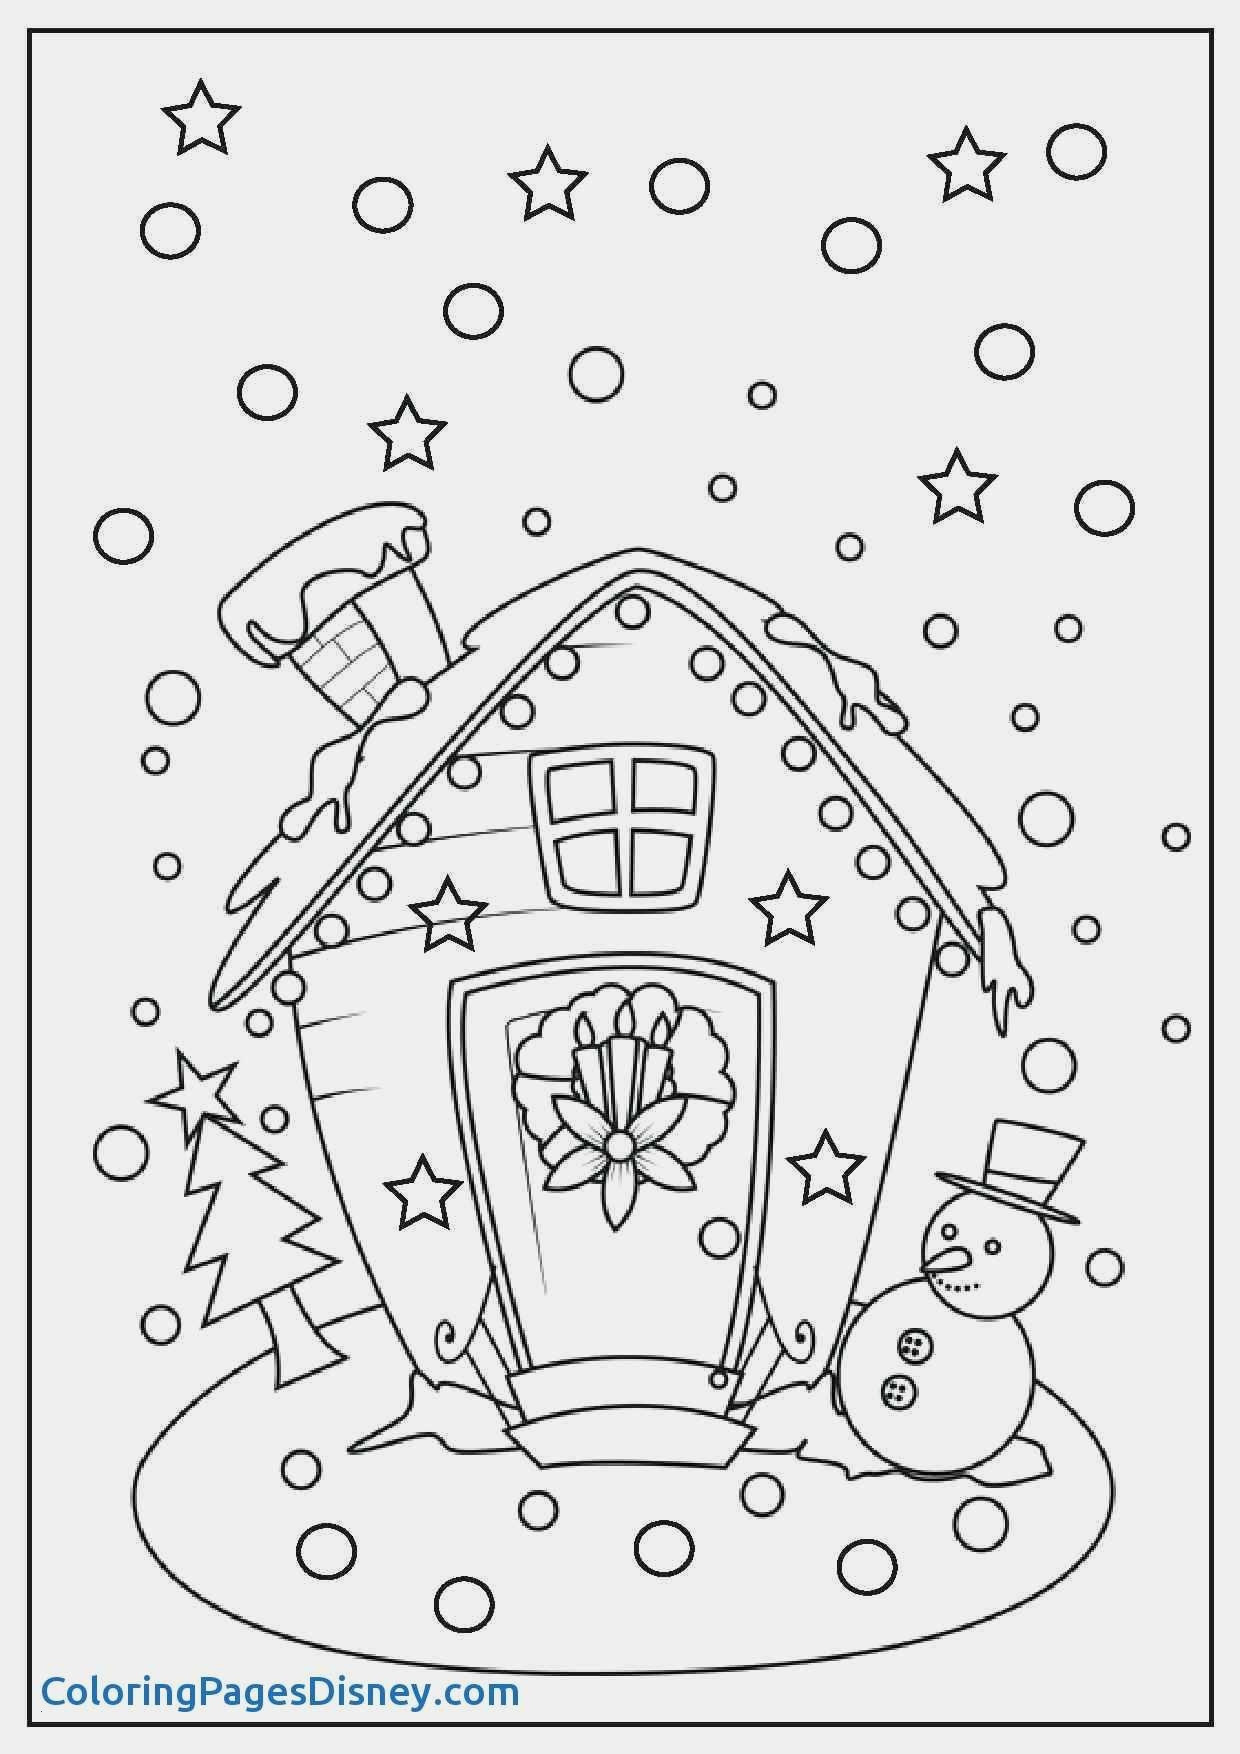 Disney Weihnachtsbilder Ausmalen Frisch Malvorlagen Disney Bilder Zum Ausmalen Bekommen Great Disney Fotografieren